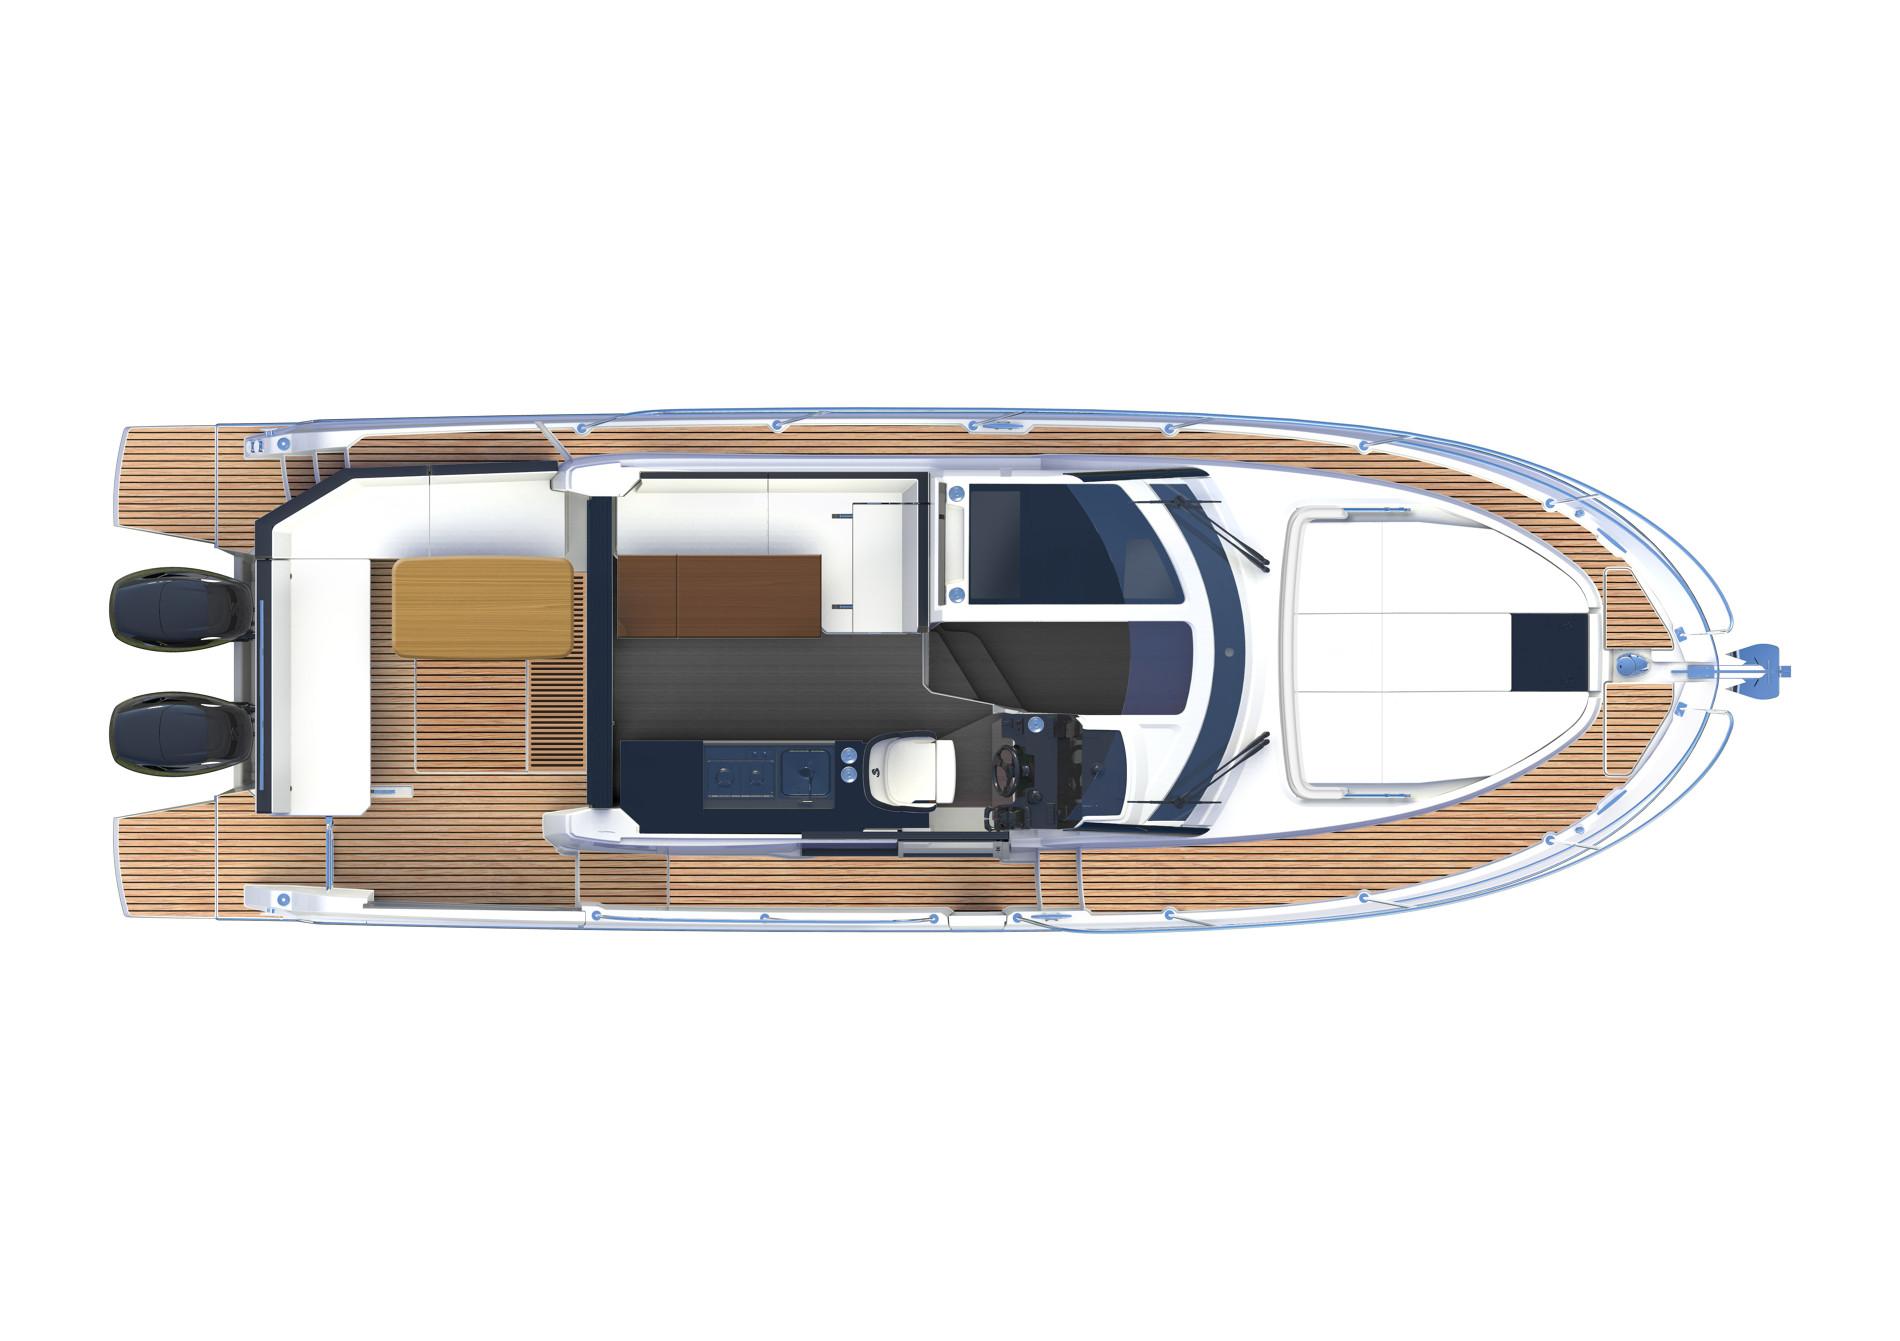 A11-main-deck.jpg-1900px